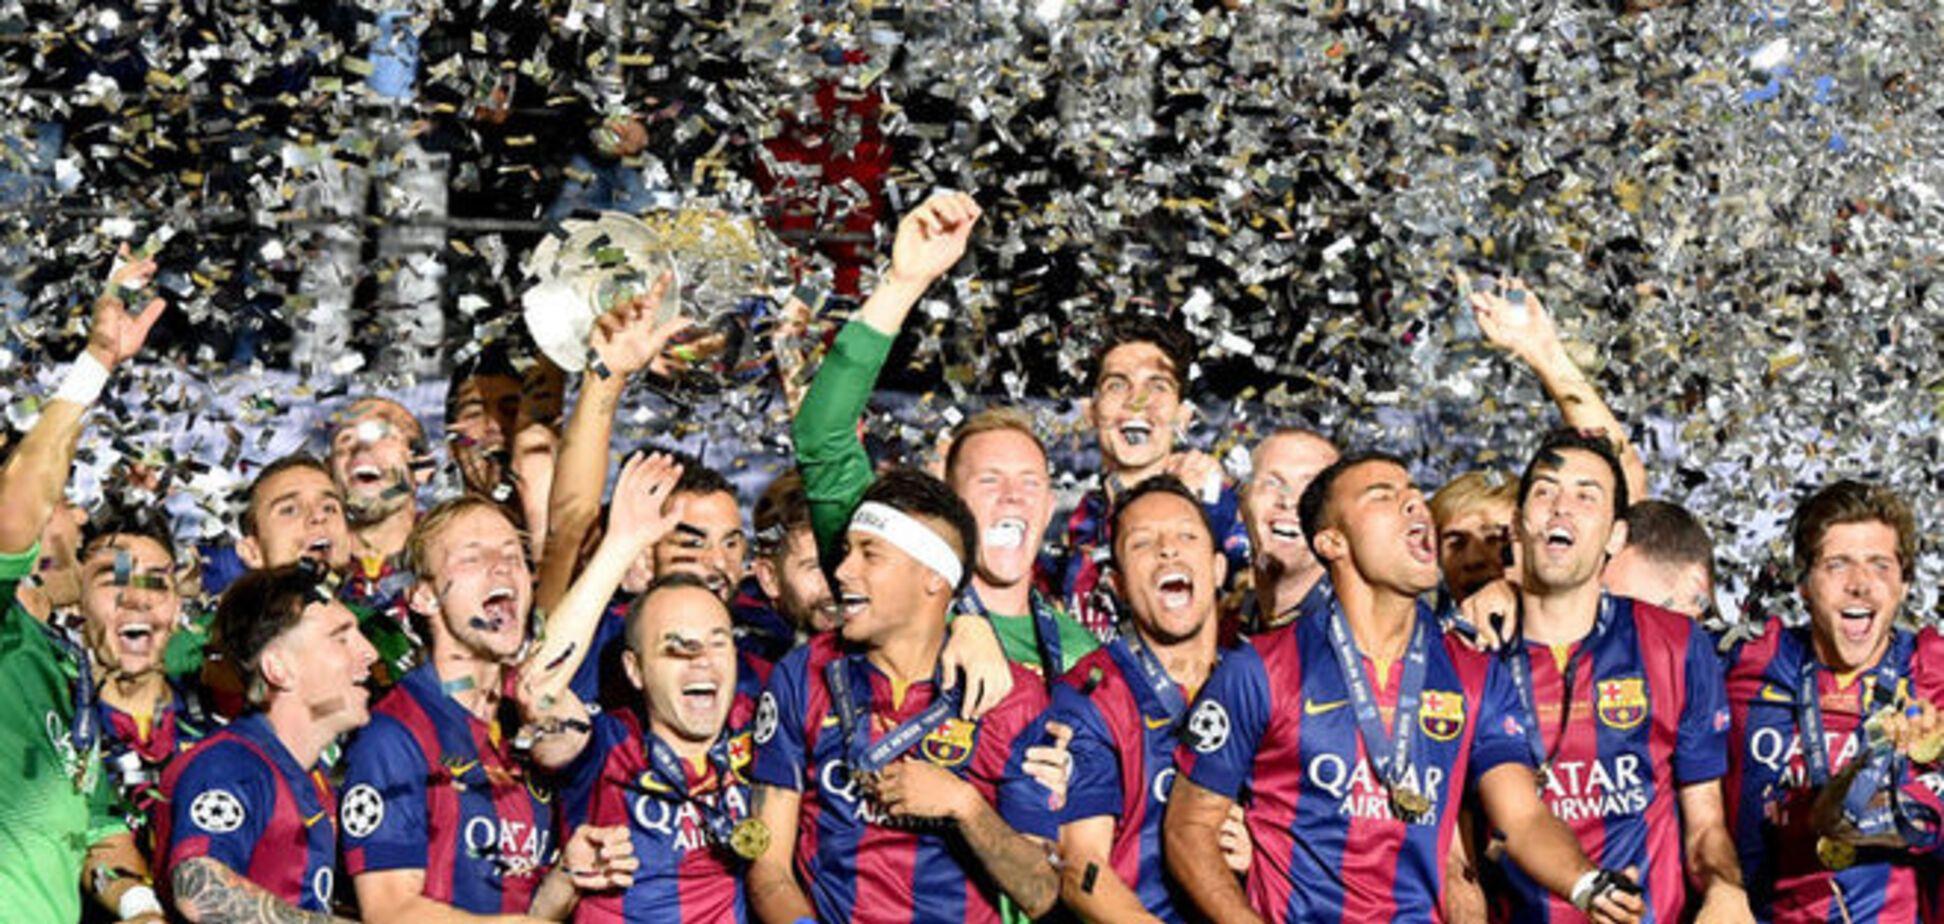 'Барселона' - победитель Лиги чемпионов: фото и видео награждения